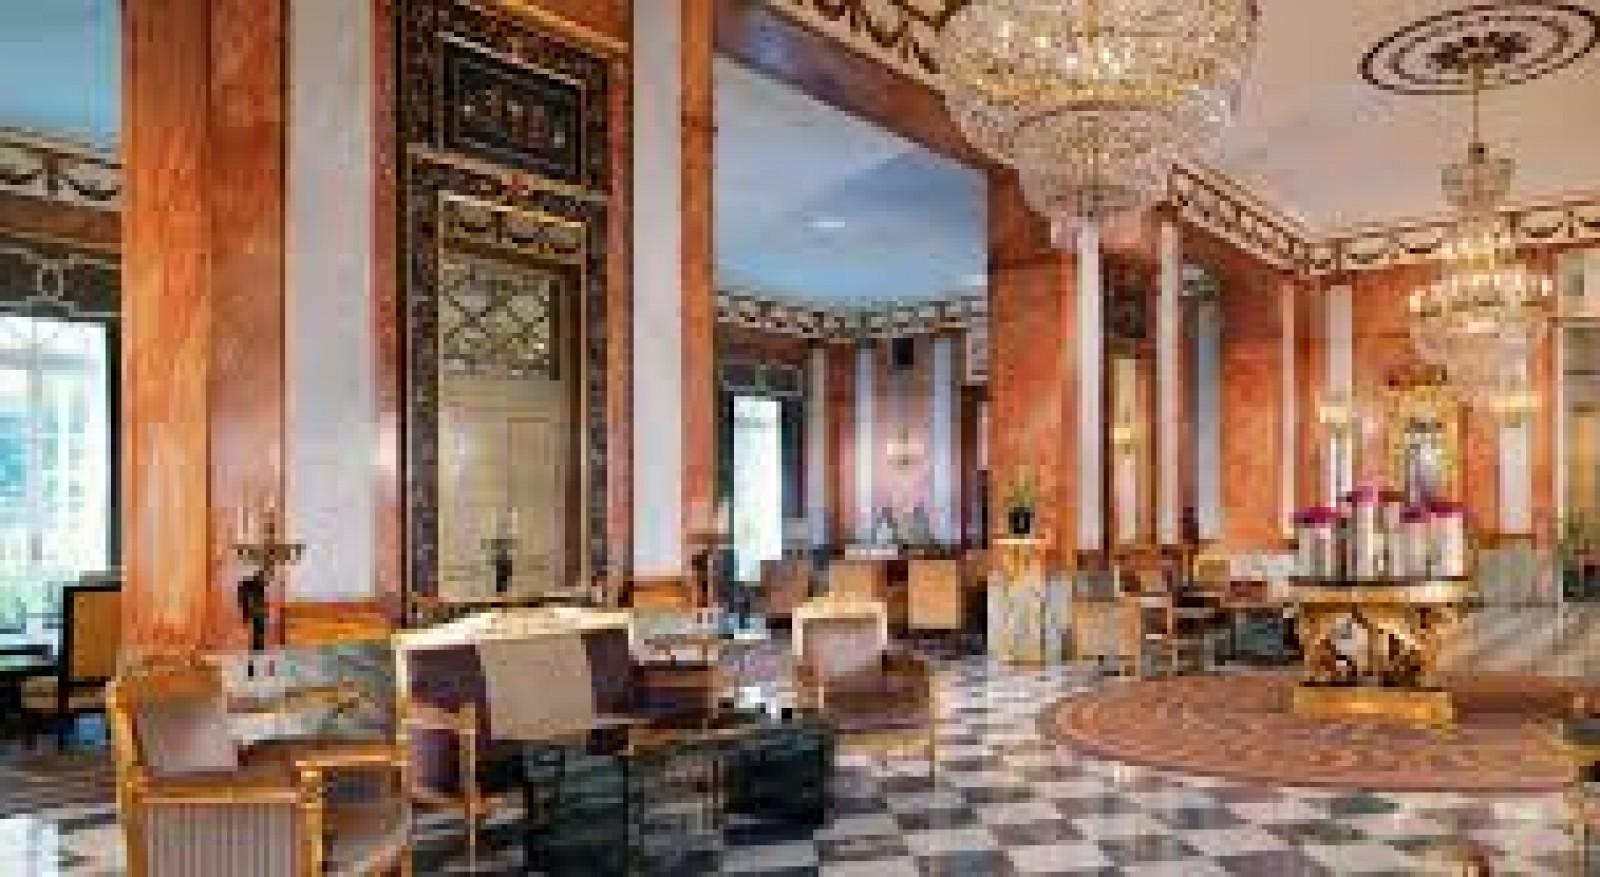 Gallery - Visita ufficiale al Club del Governatore Distrettuale Dott. Giulio BICCIOLO.